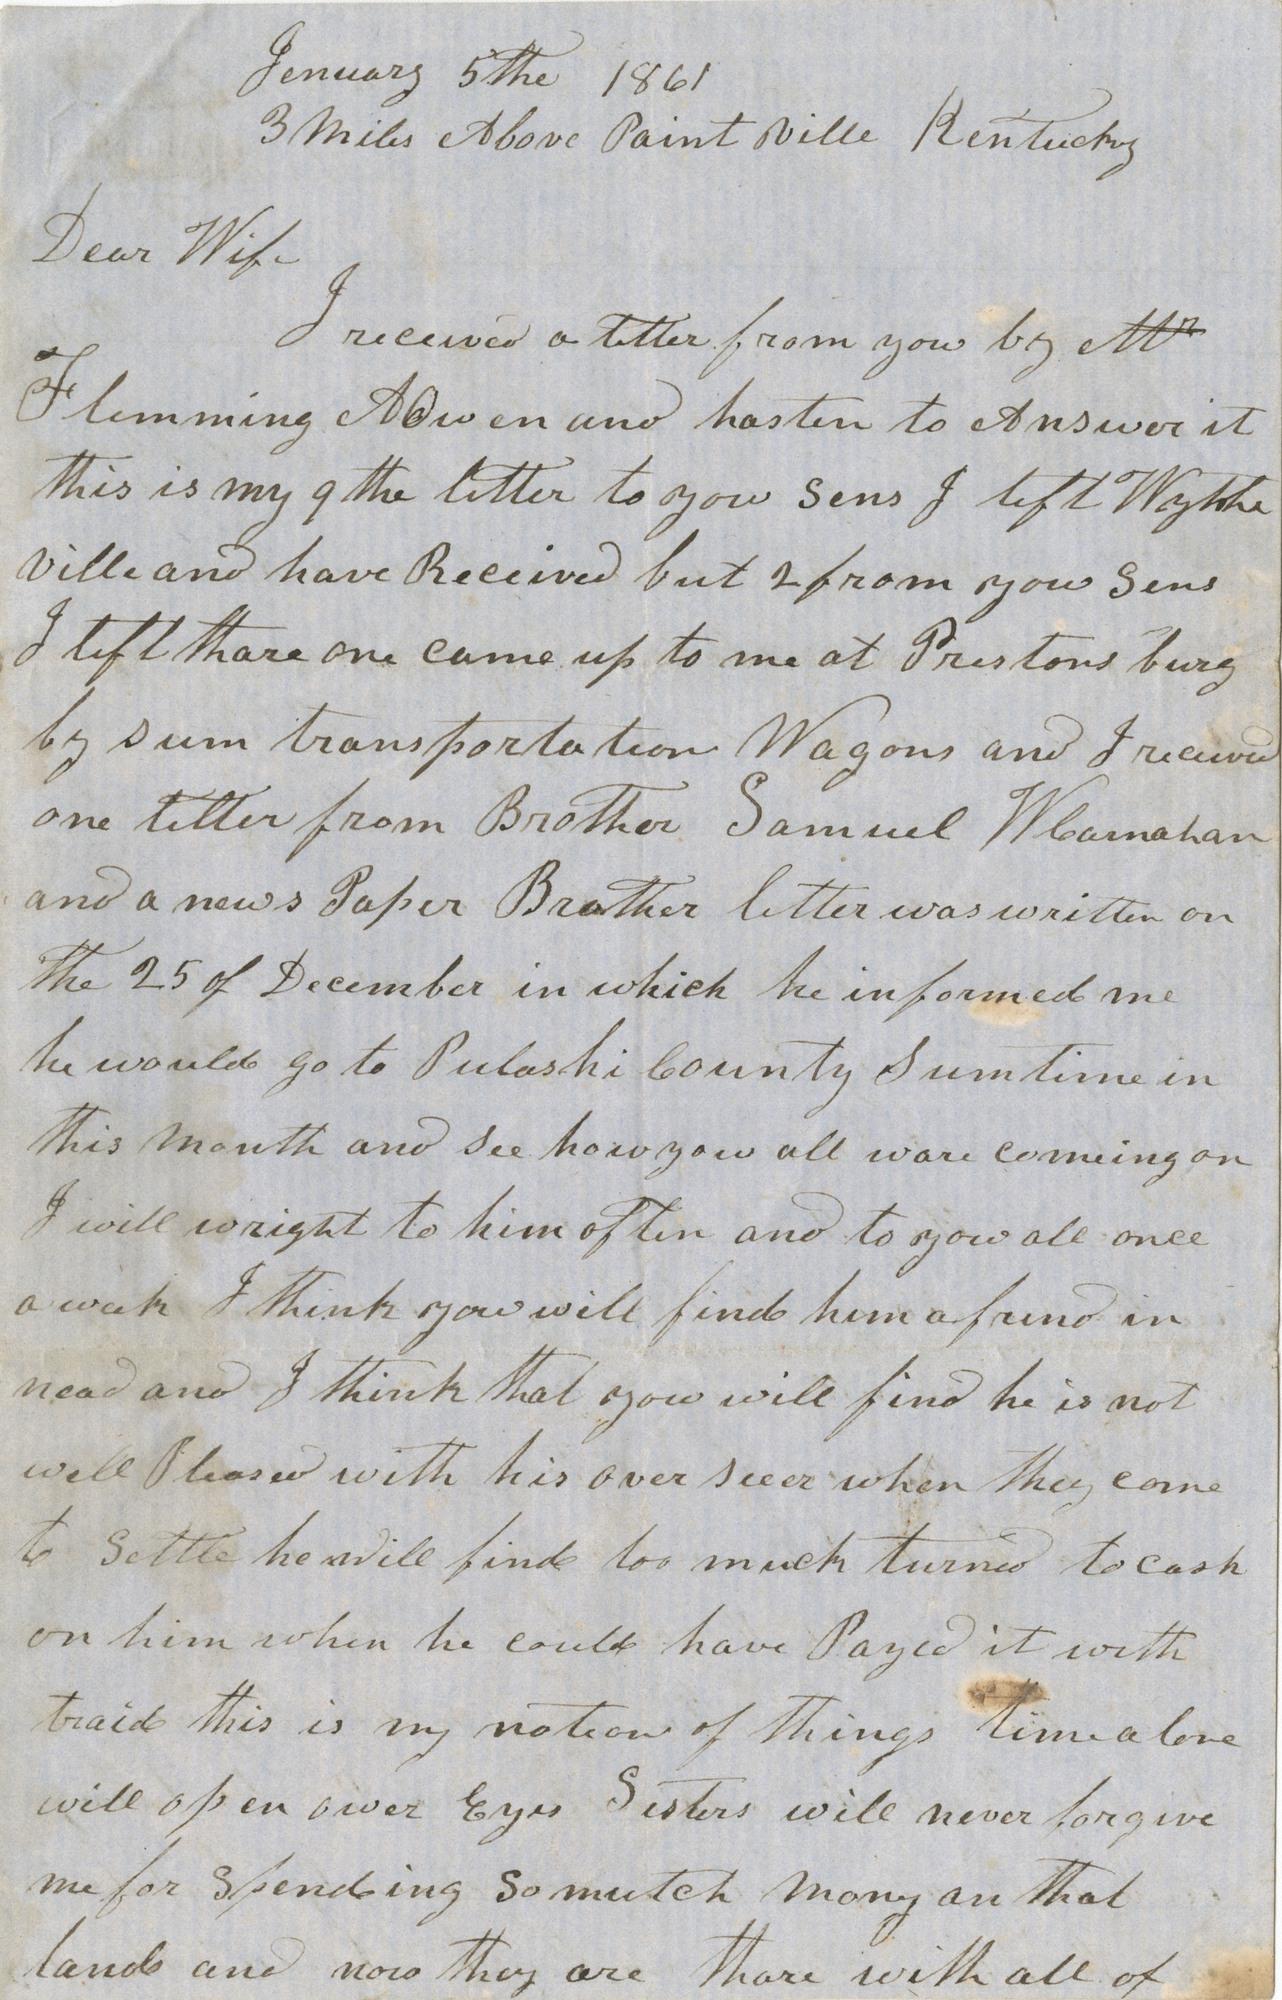 Ms2009-112_CarnahanJohnNewton_Letter_1862_0105a.jpg